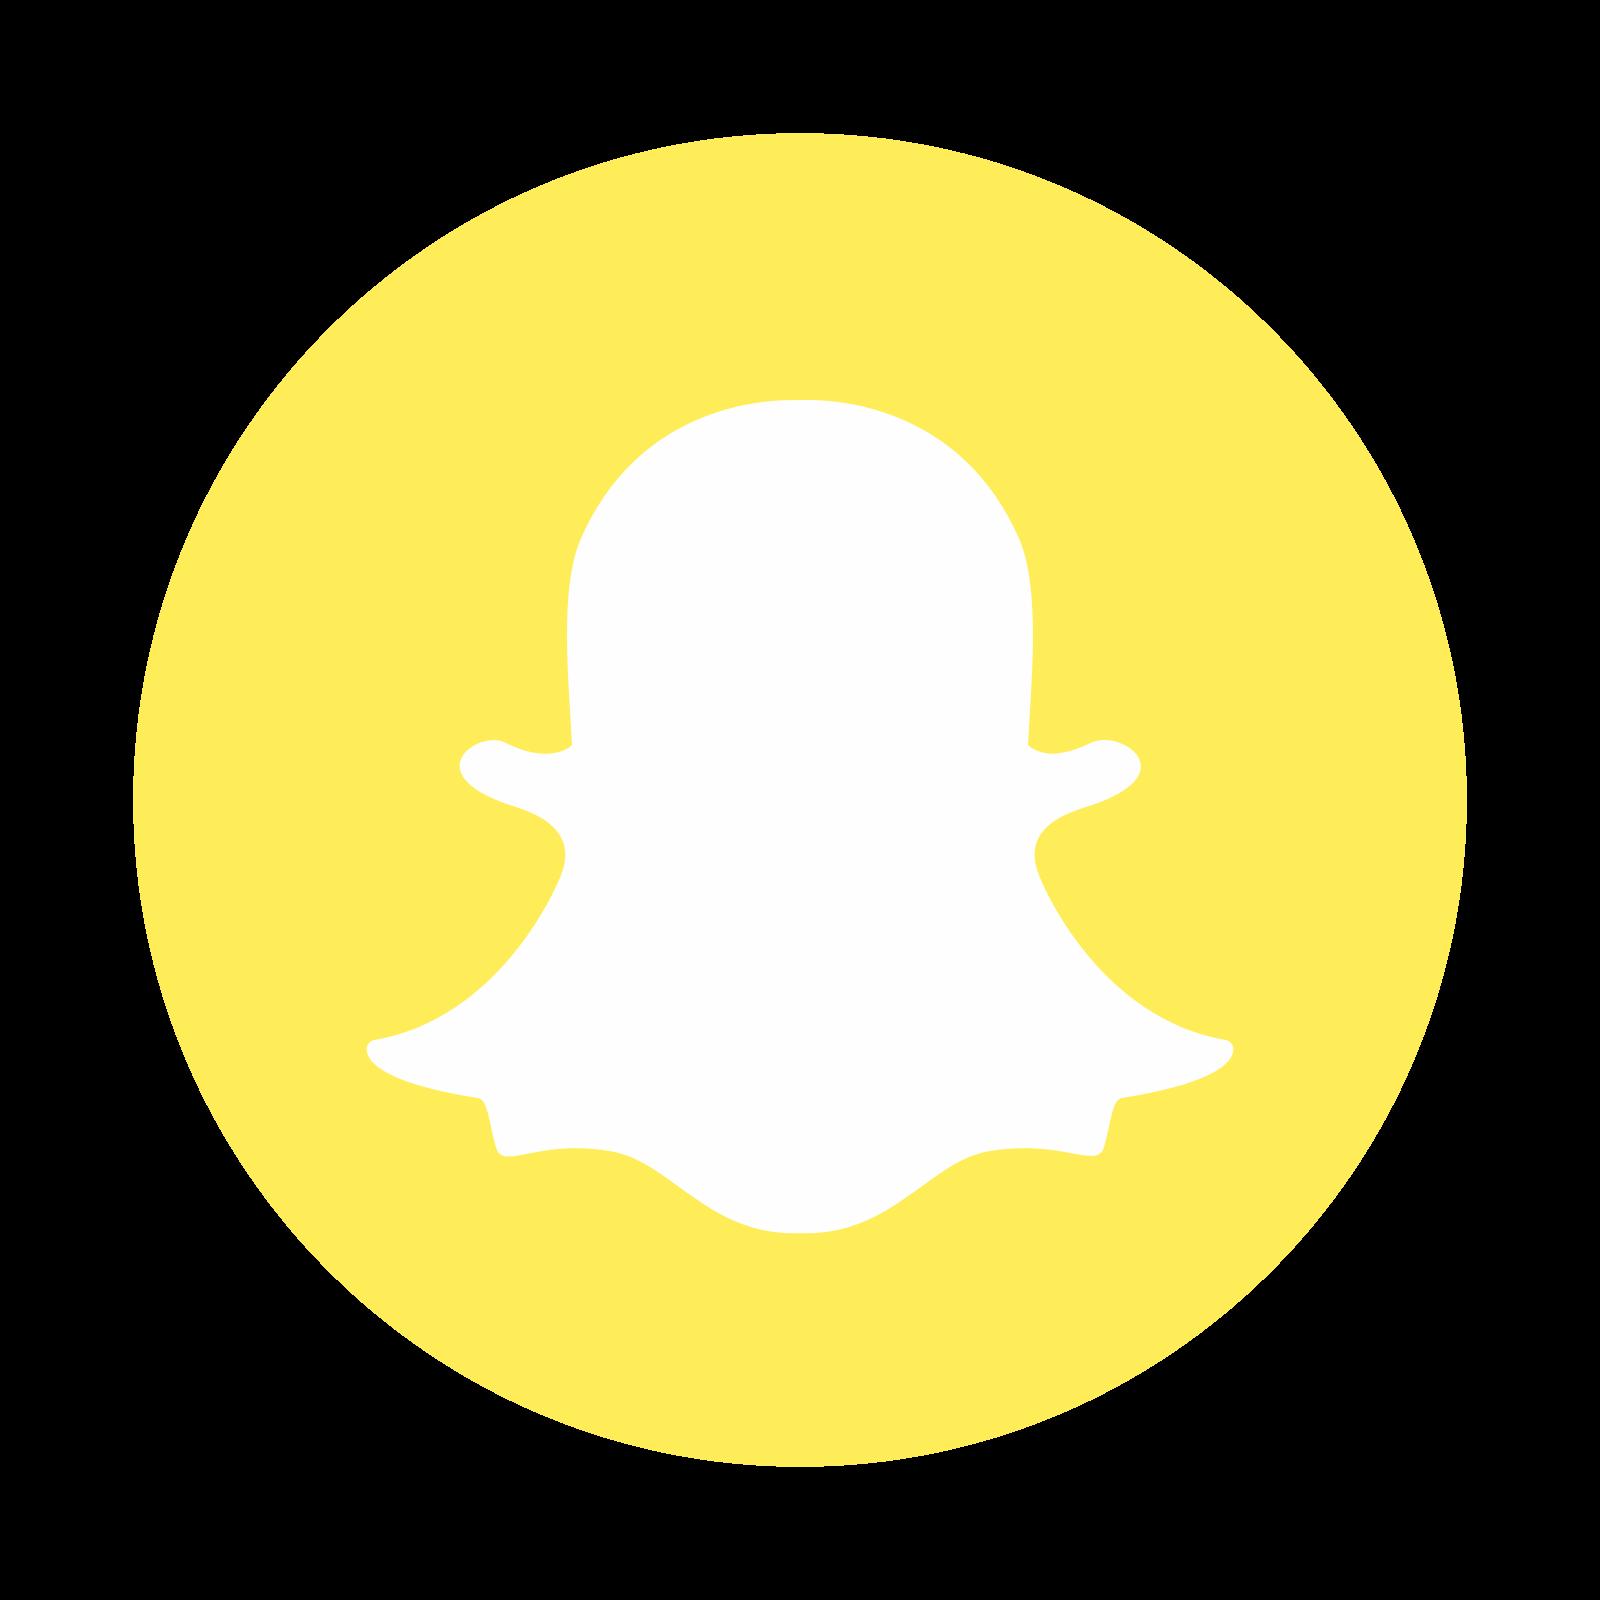 Snapchat logo icon 26